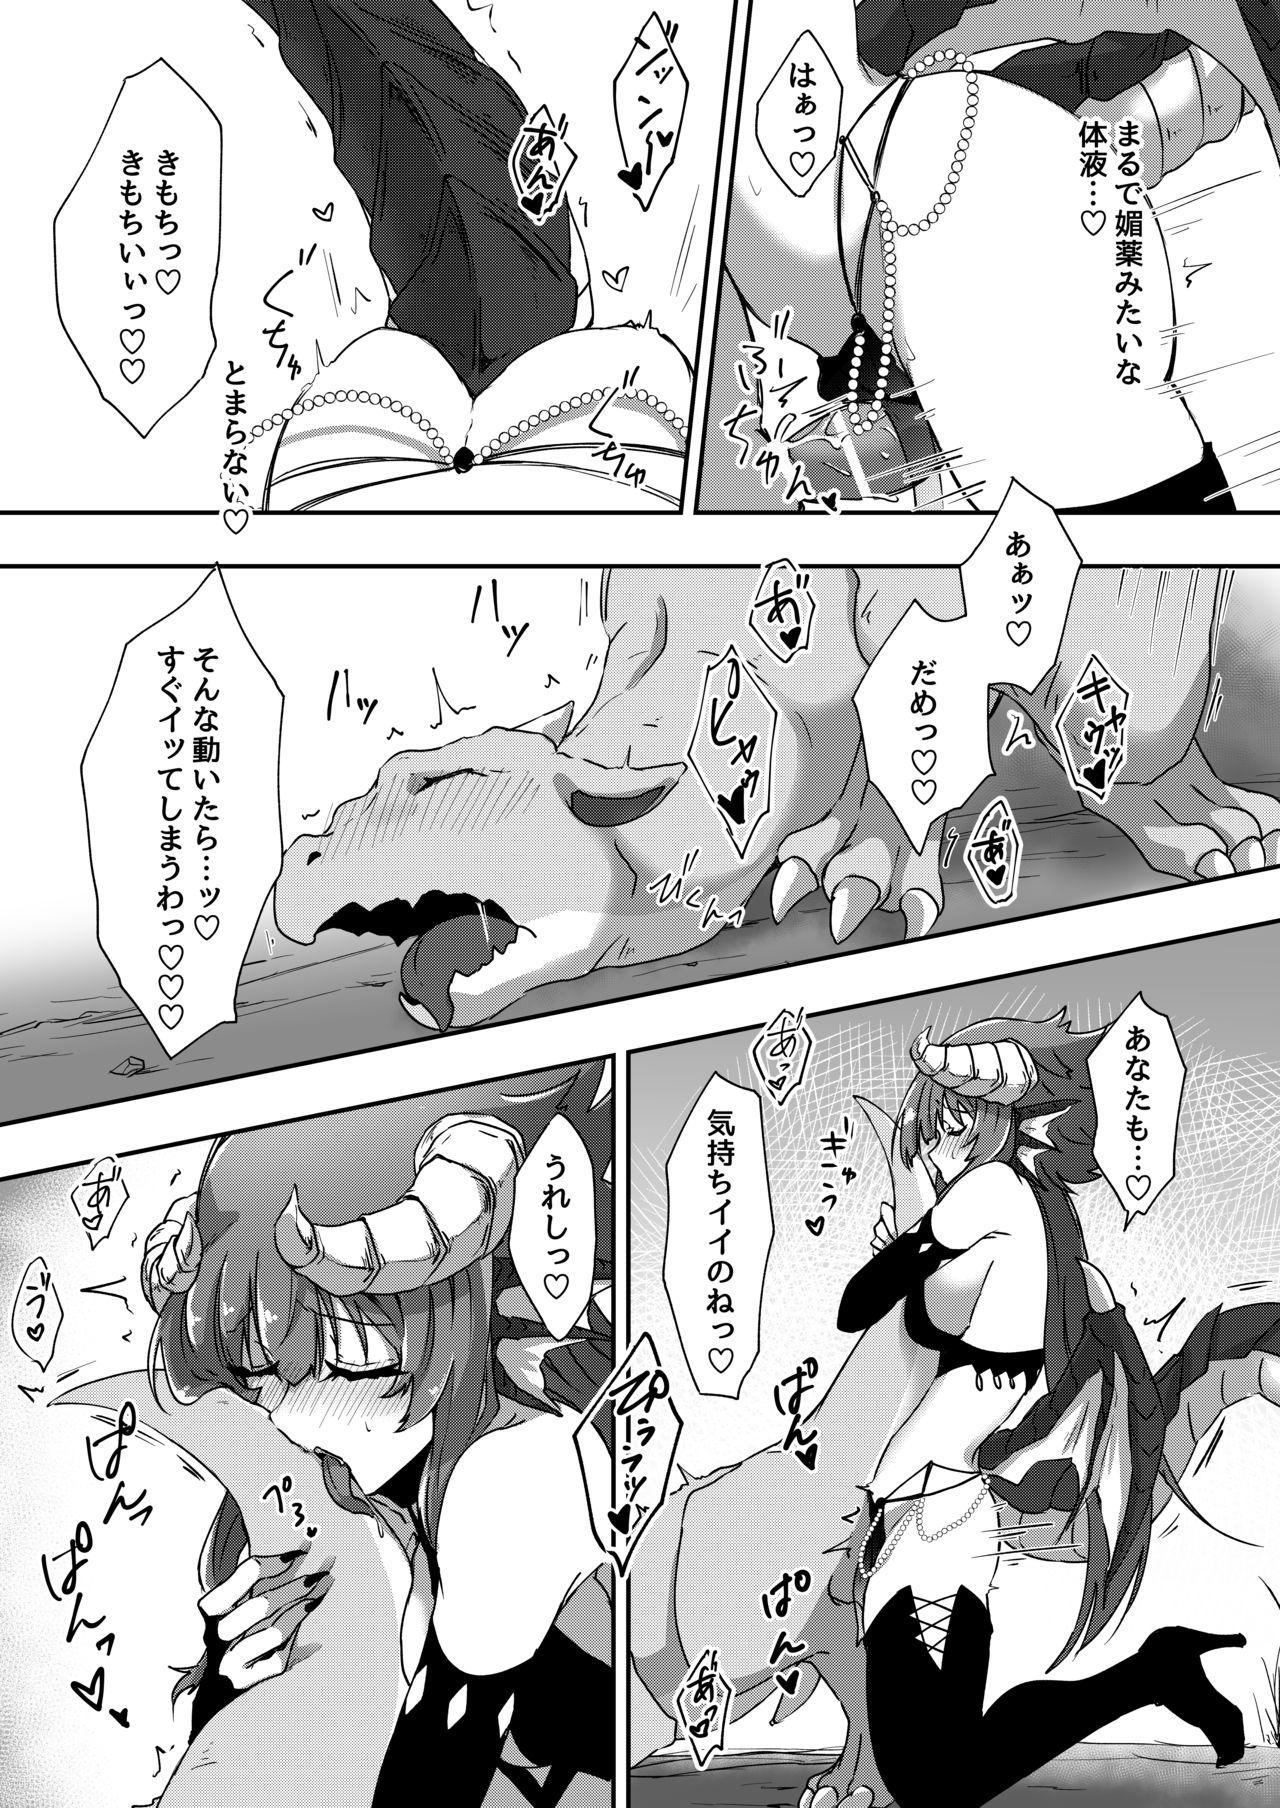 Futa Dra-chan ga Oshiete Ageru 14